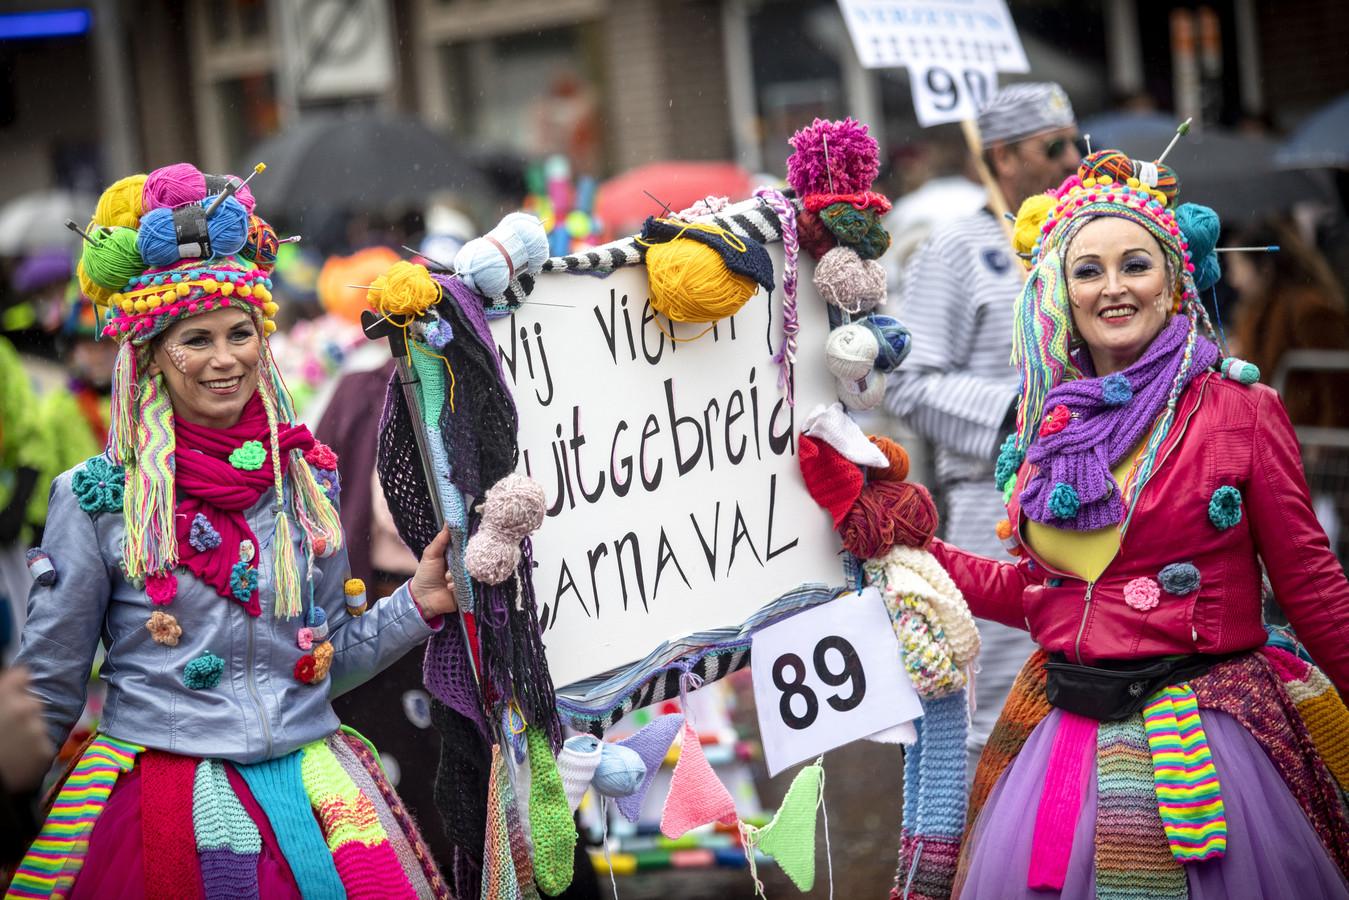 Geen optocht in Oldenzaal, dus een allesbehalve 'uitgebreid carnaval' komend seizoen.